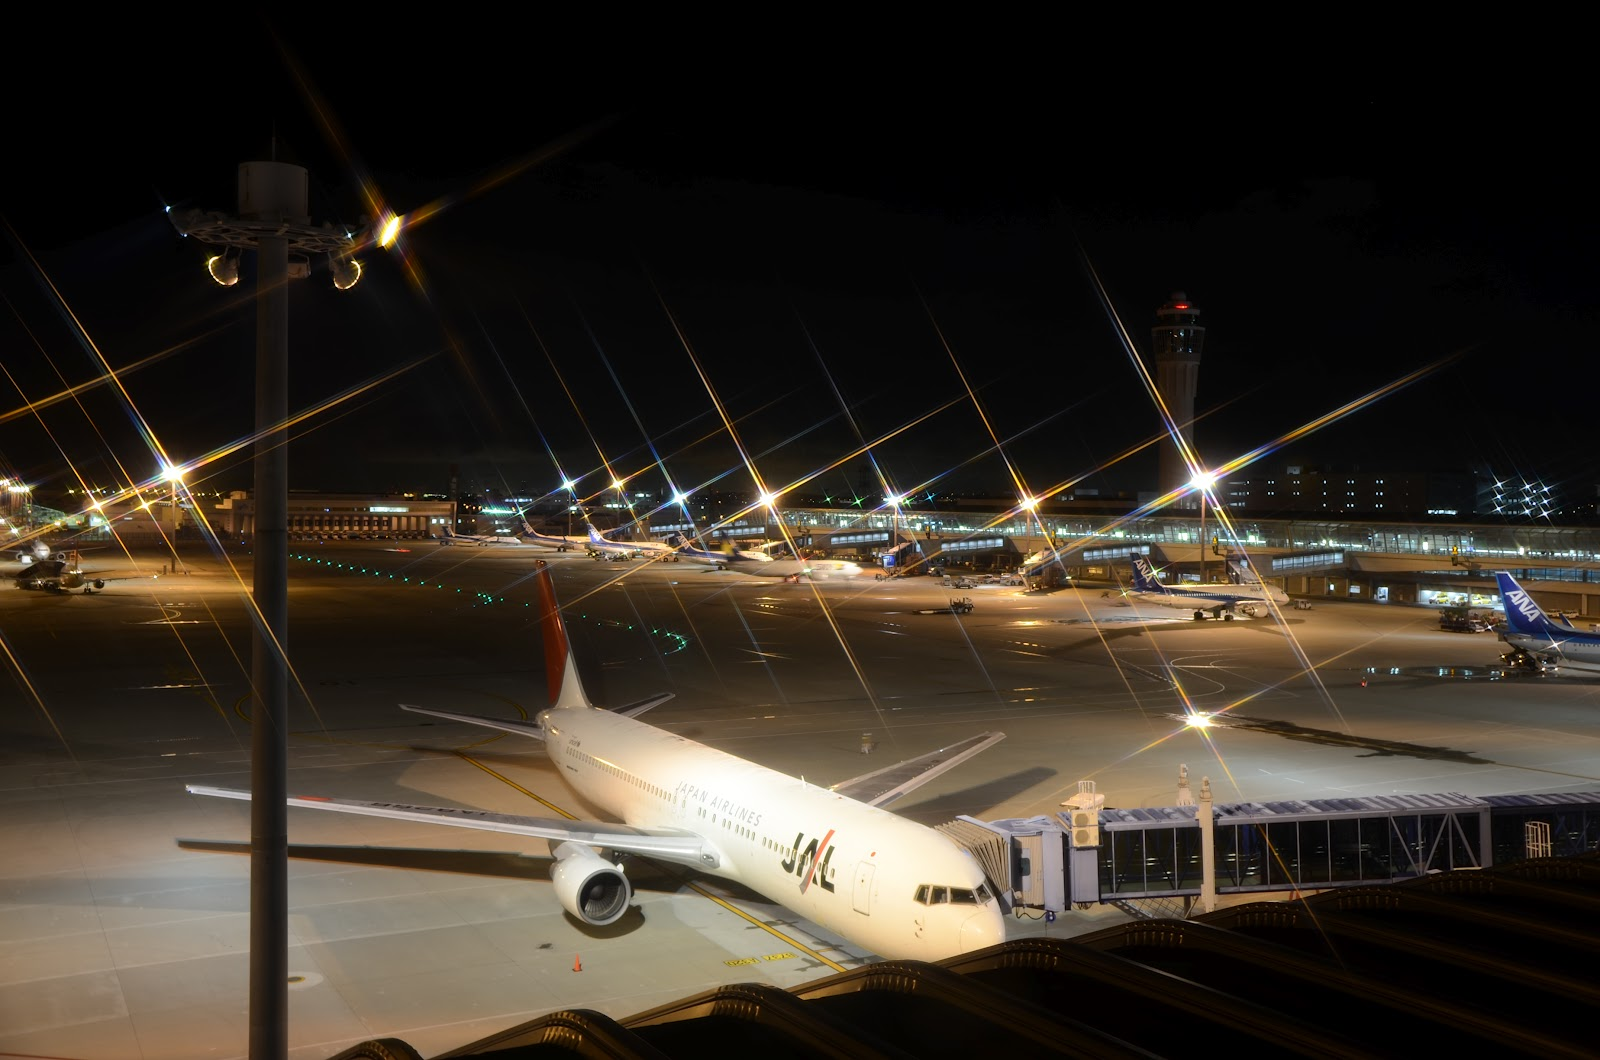 Aeroporto Nagoya : Paixão pela aviação fotos noturnas no aeroporto centrair